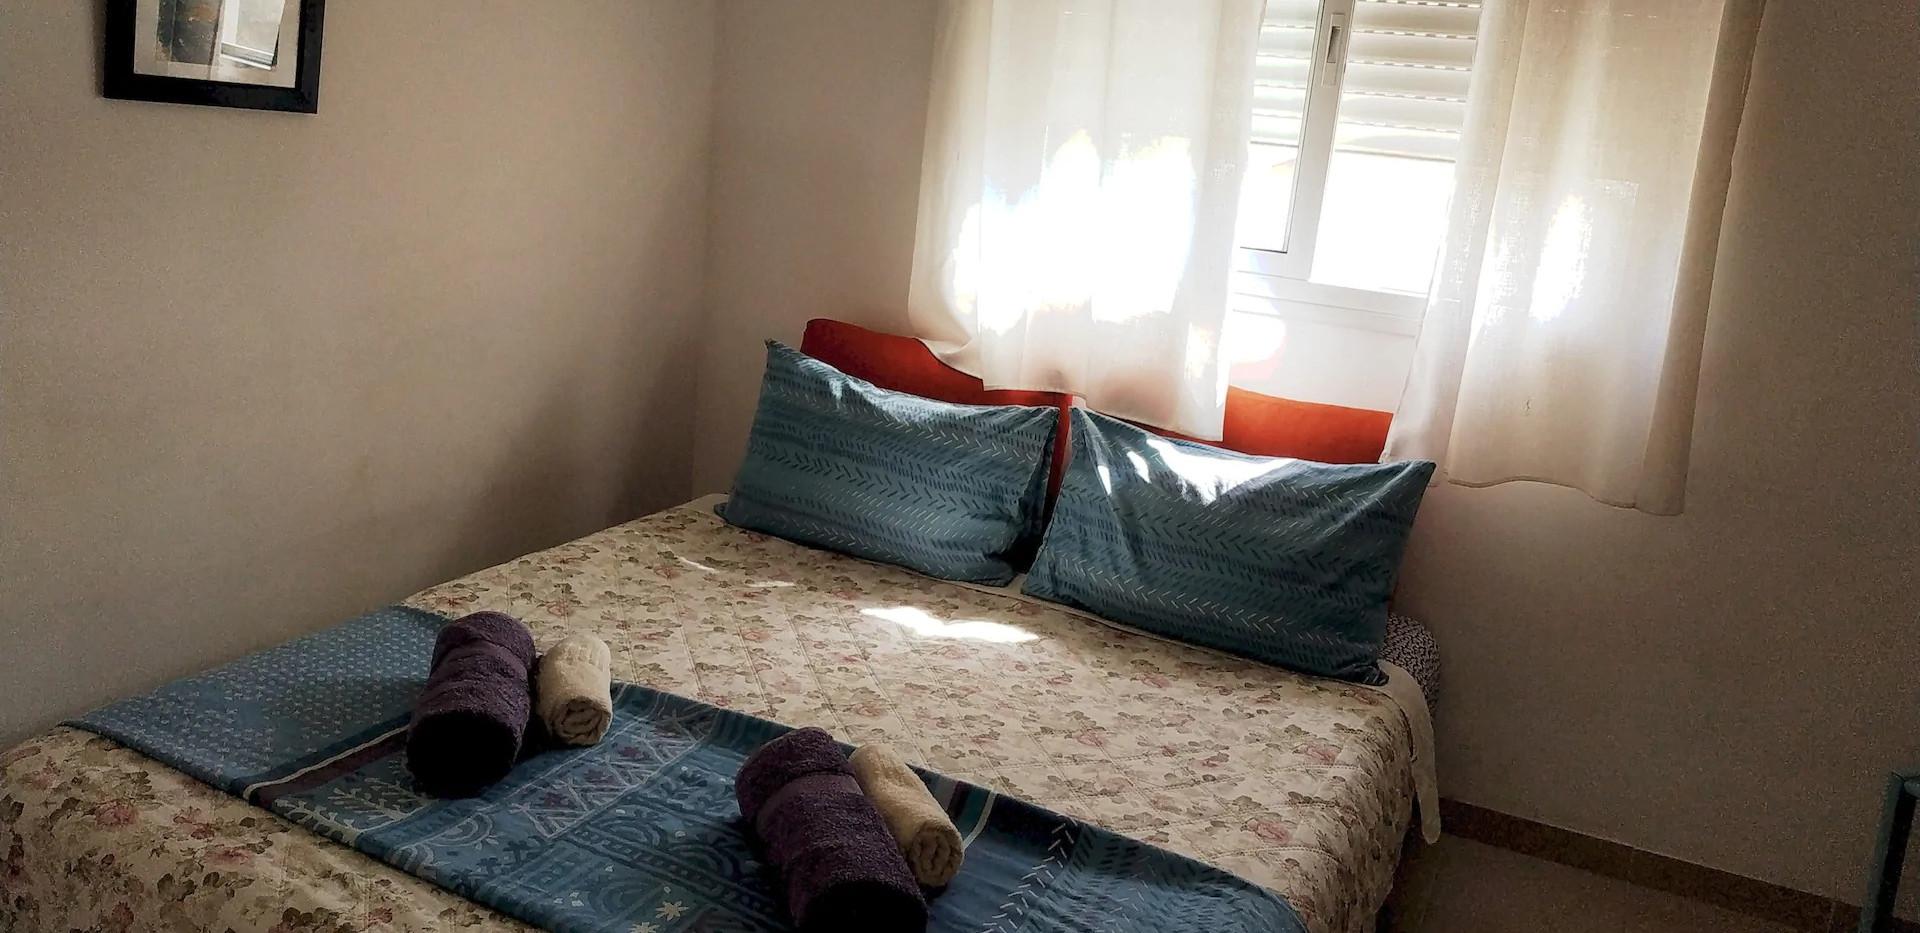 חדר שינה בקומה העליונה.קוים פשוטים ונעימים.